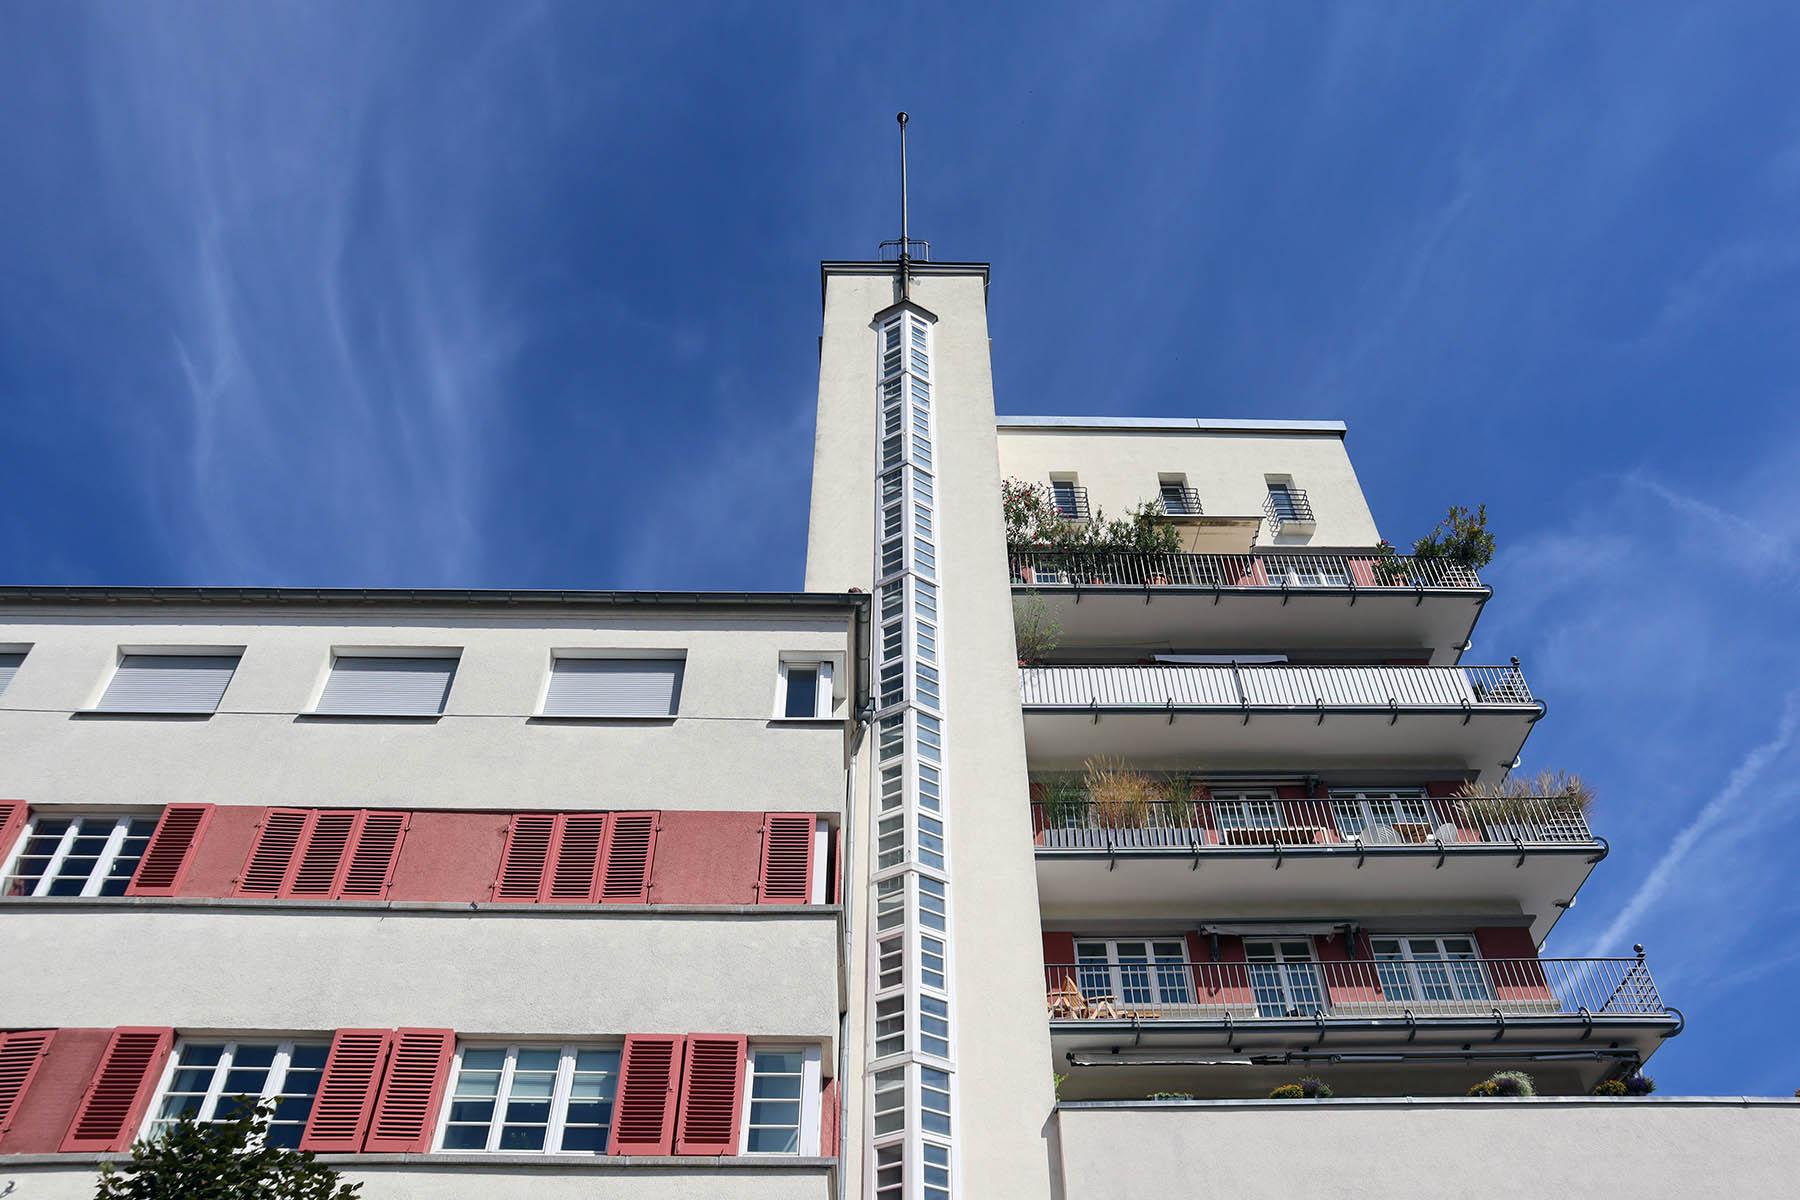 Weissenhofsiedlung. Der Architekt war Karl Beer, der mit dem Wohnhof das erste Wohnhochhaus von Stuttgart schuf. Fertigstellung 1927, Wiederaufbau nach Weltkriegsschäden 1952.